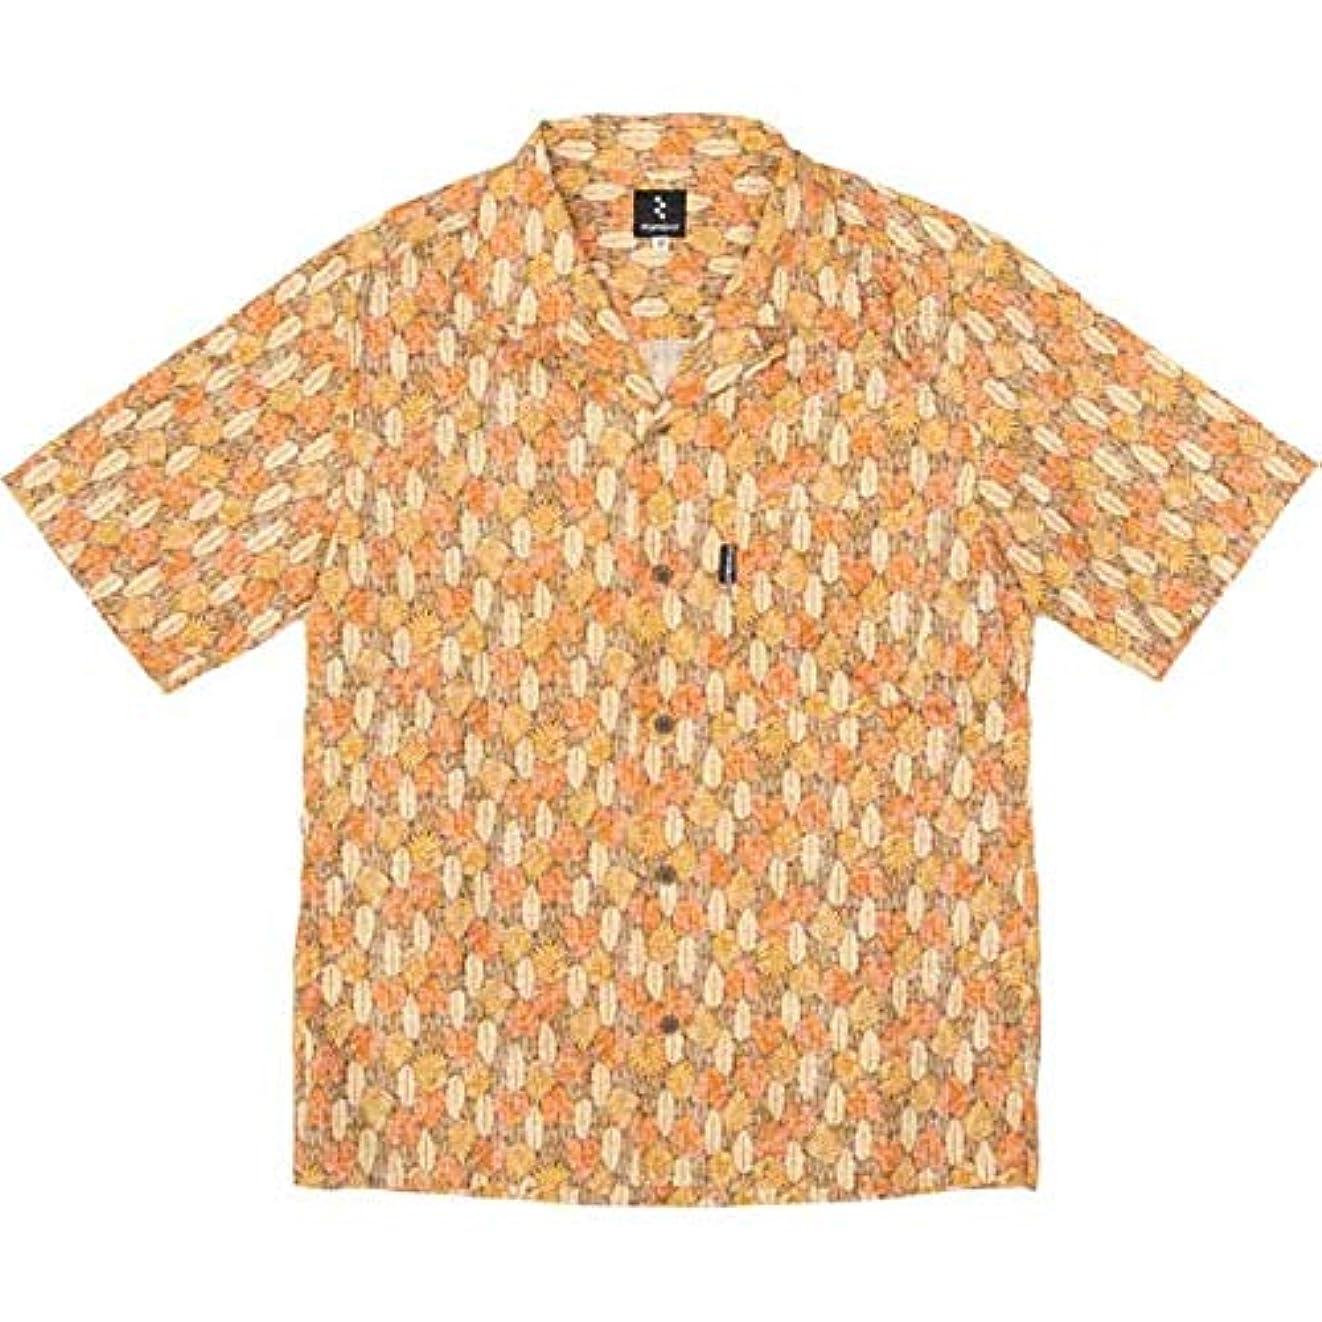 バックグラウンド幾何学煙リンプロジェクト 【2146】 サイクリストアロハ リーフ オレンジ S